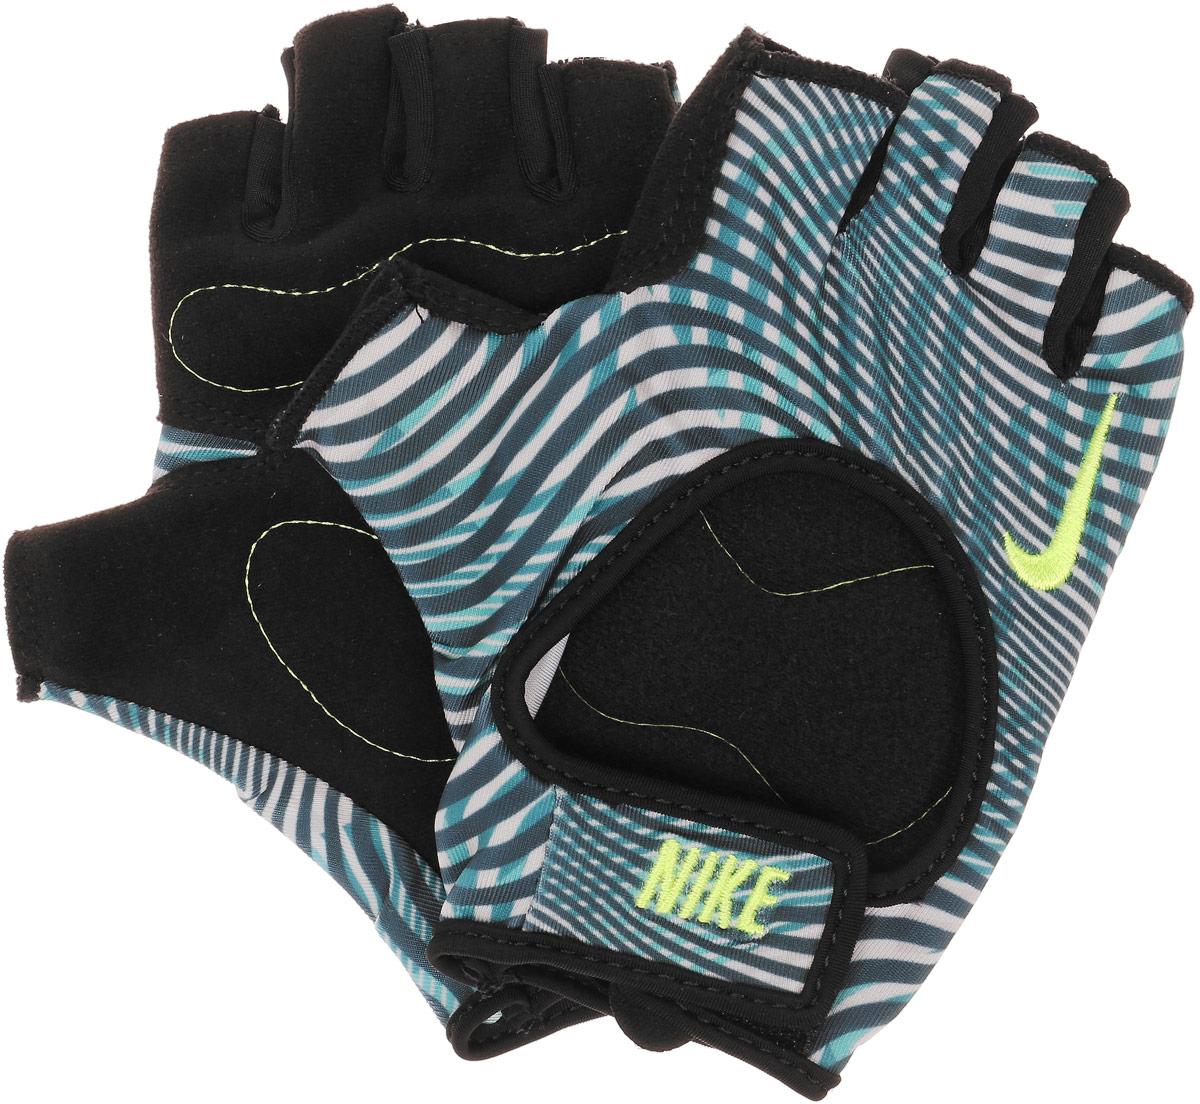 Перчатки для фитнеса женские Nike, цвет: серый, желтый. Размер MN.LG.B0.046.MD_серый, желтыйЛегкие женские перчатки Nike для зала. Обеспечивают стабильную поддержку во время силовых тренировок. Открытый верх перчаток обеспечивает отличный воздухообмен, благодаря которому Ваши руки будут оставаться сухими. Мягкий и прочный материал на ладони - для комфорта и защиты.